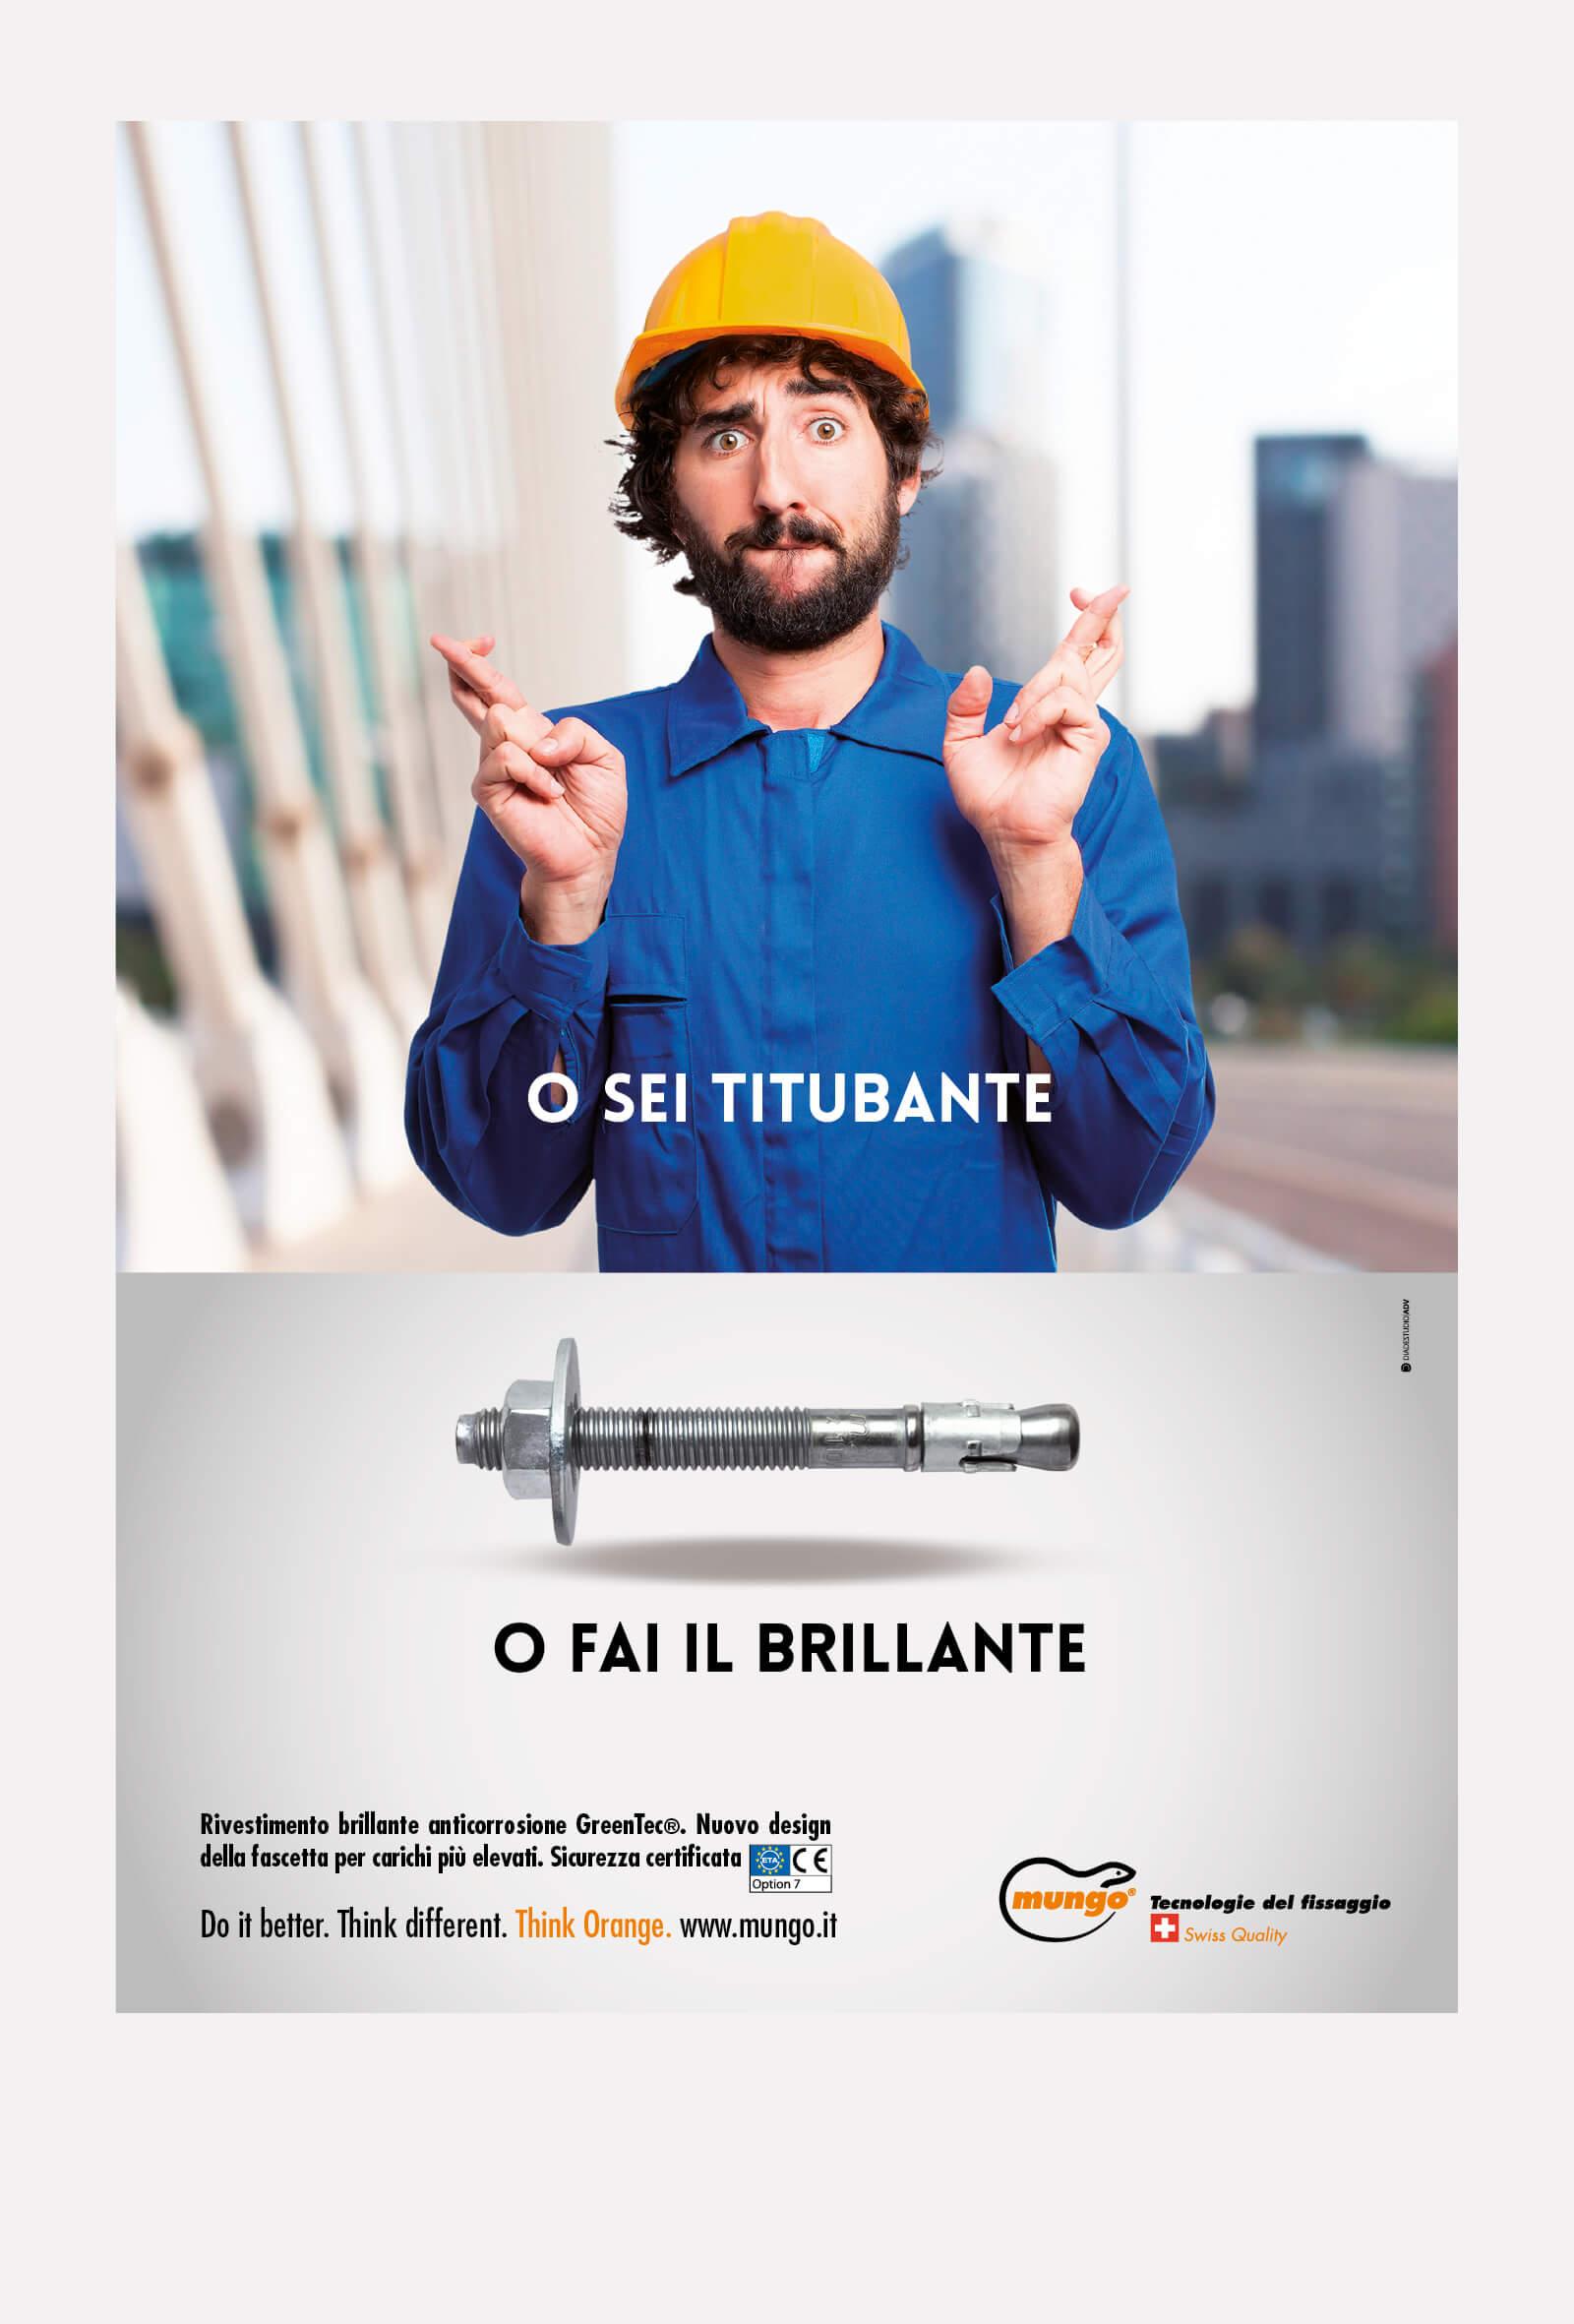 campagna stampa e affissioni mungo italia, curata dalla agenzia diade studio arco di trento